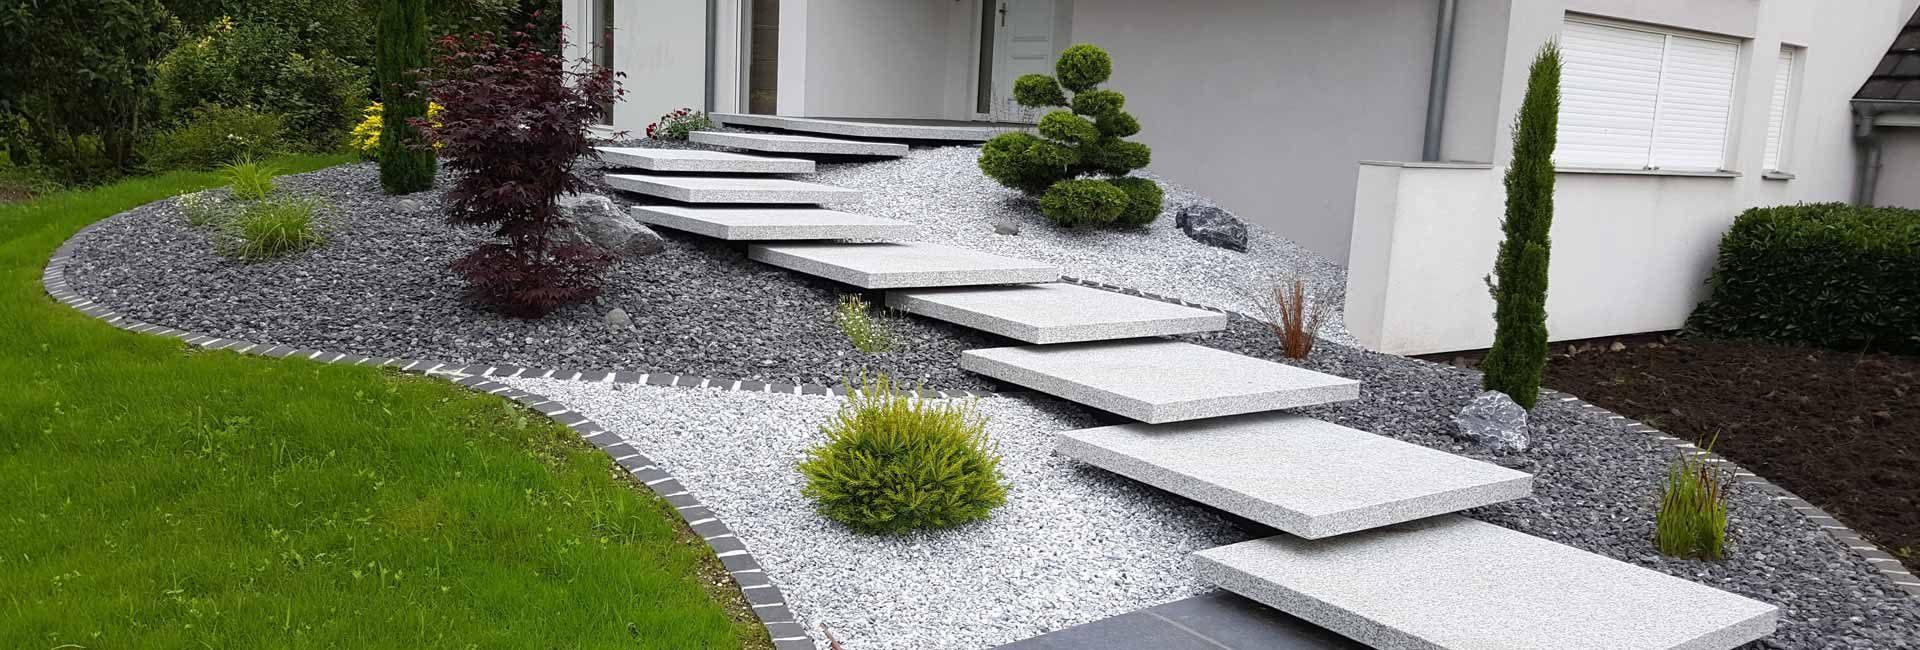 Amenagement Exterieur En Cailloux drm matériaux | matériaux de décoration et d'aménagement